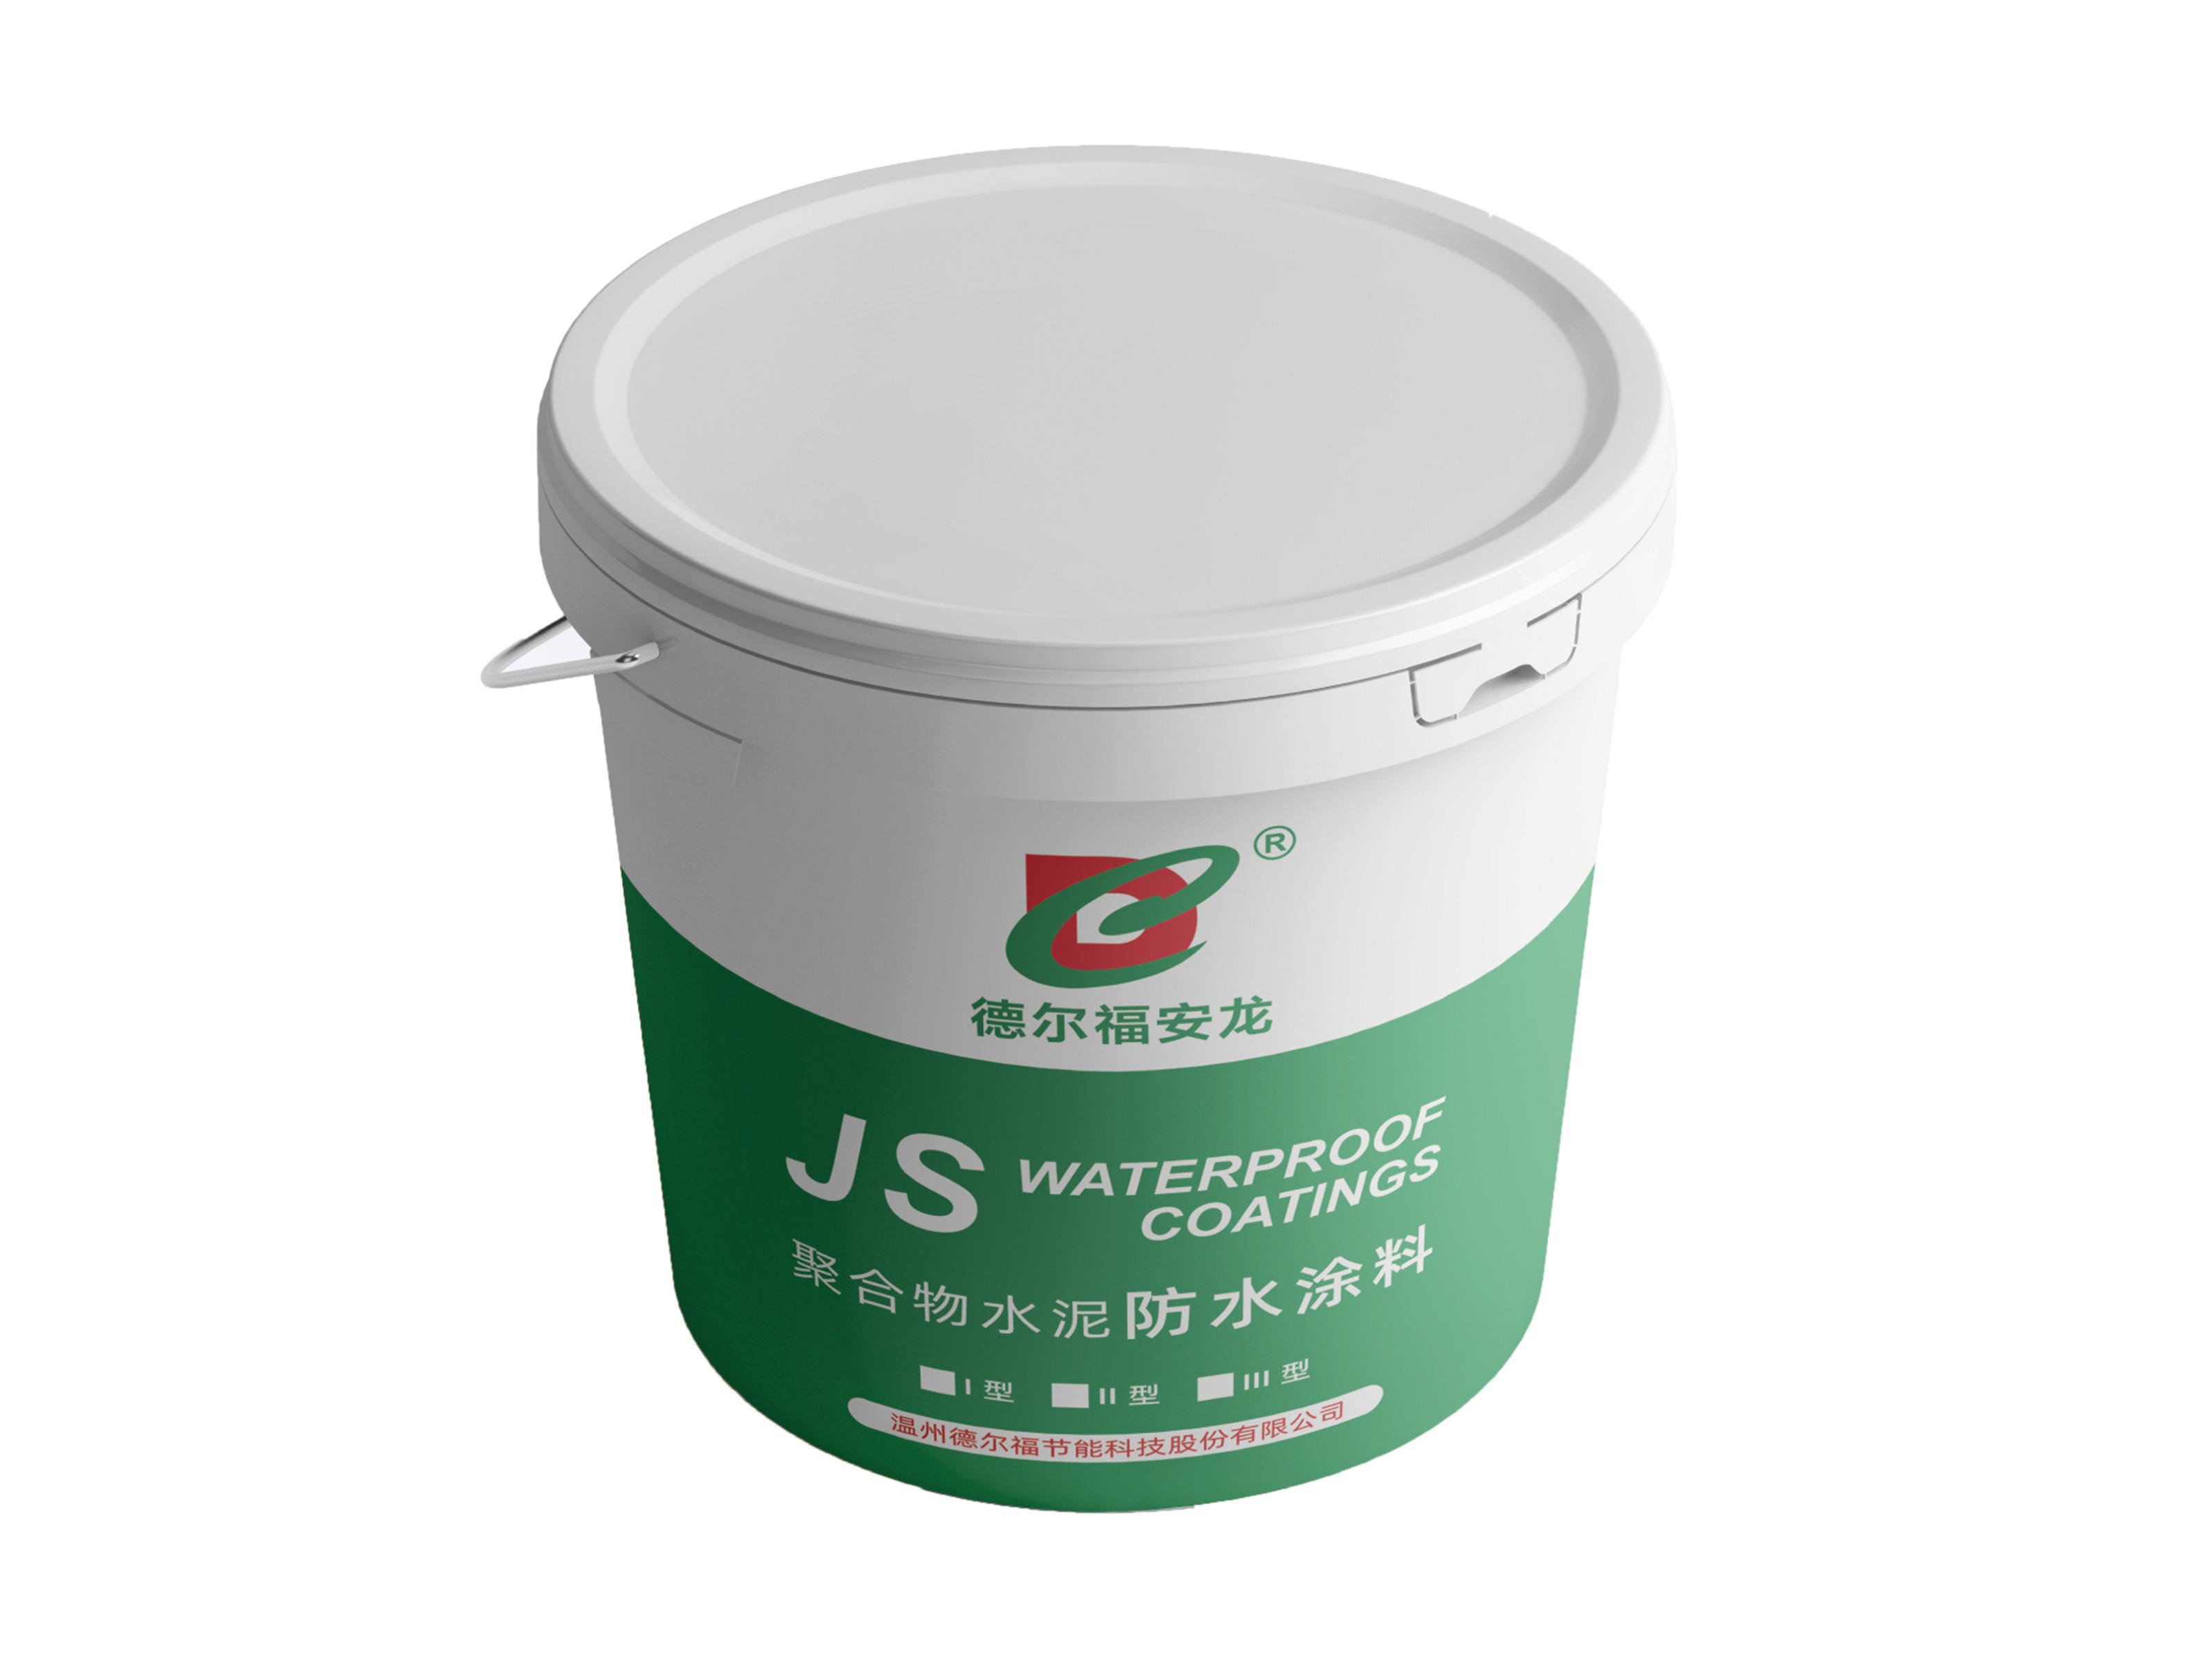 DE-FD6-JS聚合物水泥防水涂料